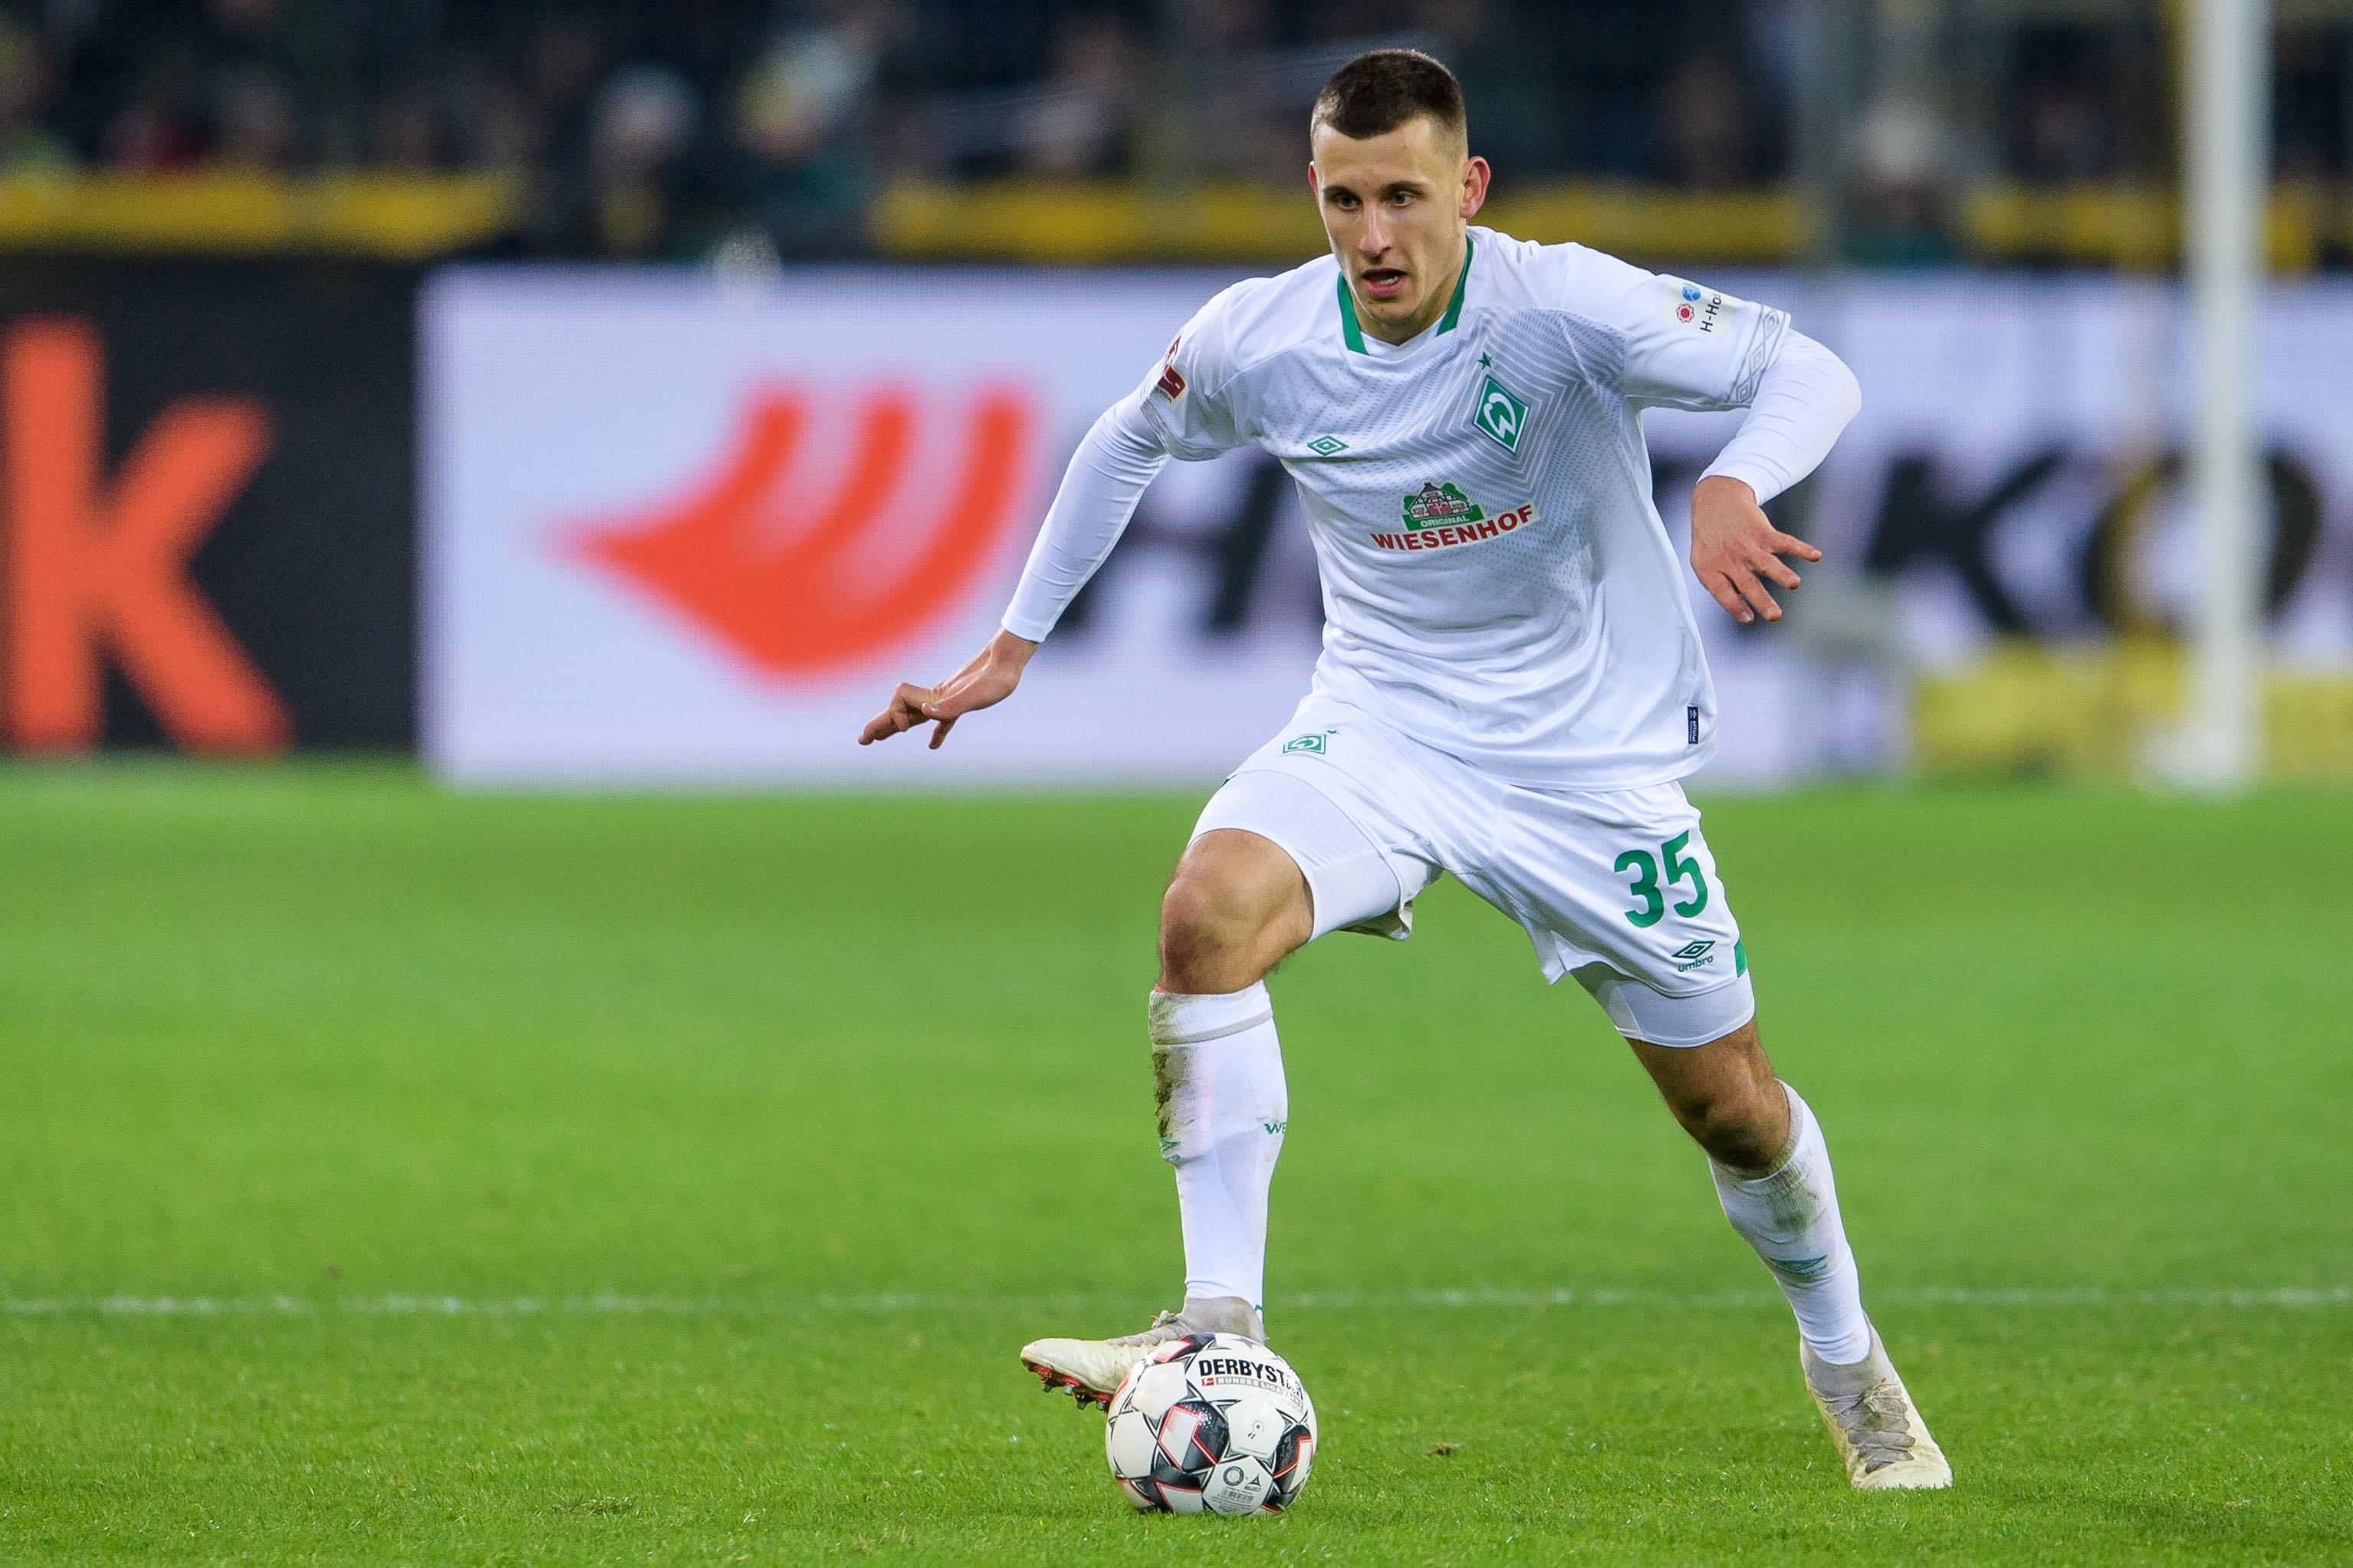 Fussball Heute Werder Bremen Bayern Munchen Im Live Stream